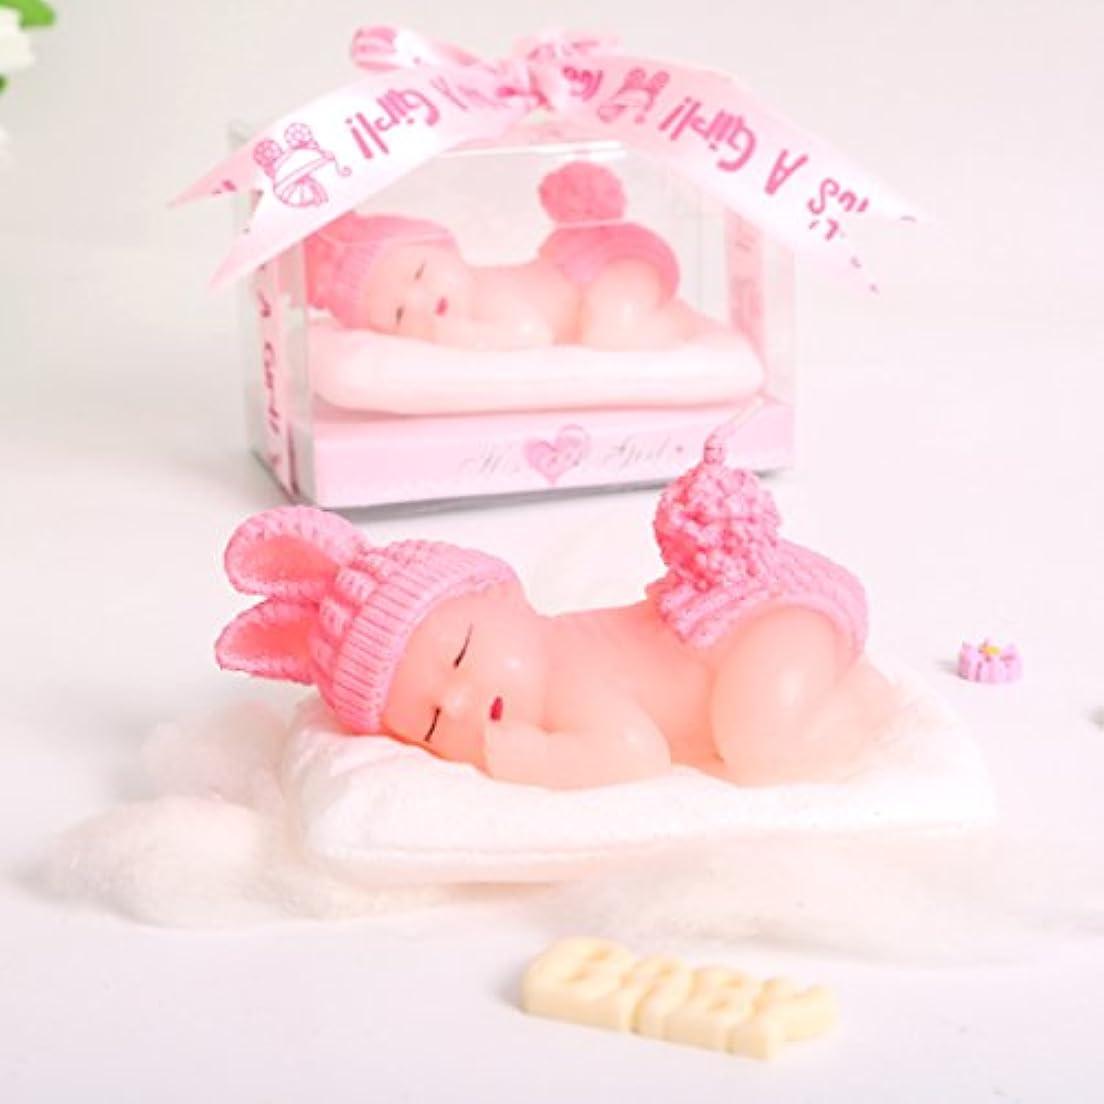 効率傷跡うなり声(1 Pack, It's a Girl) - Adorable Mini Baby Birthday Candle Christening Baby Shower Favours Attached with Greeting...